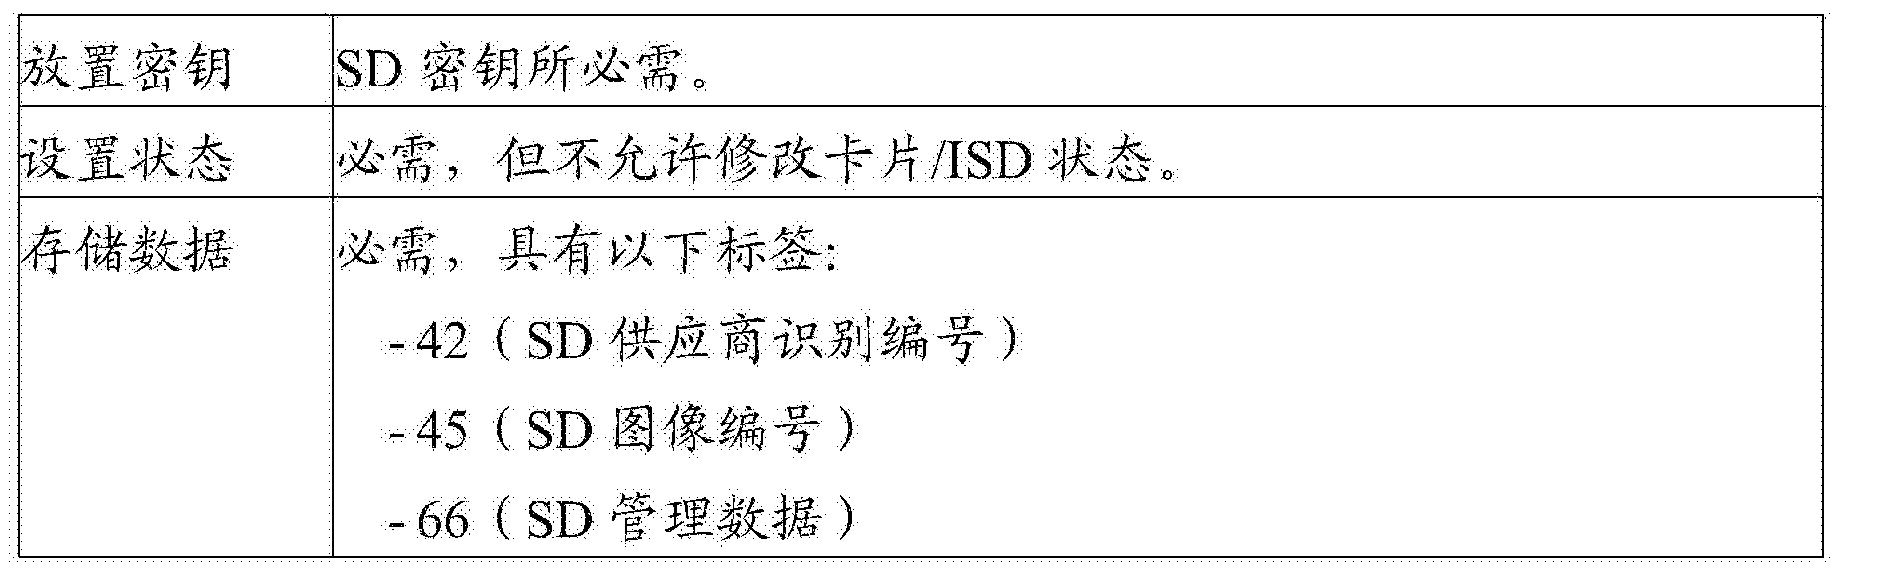 Figure CN104395909BD00231